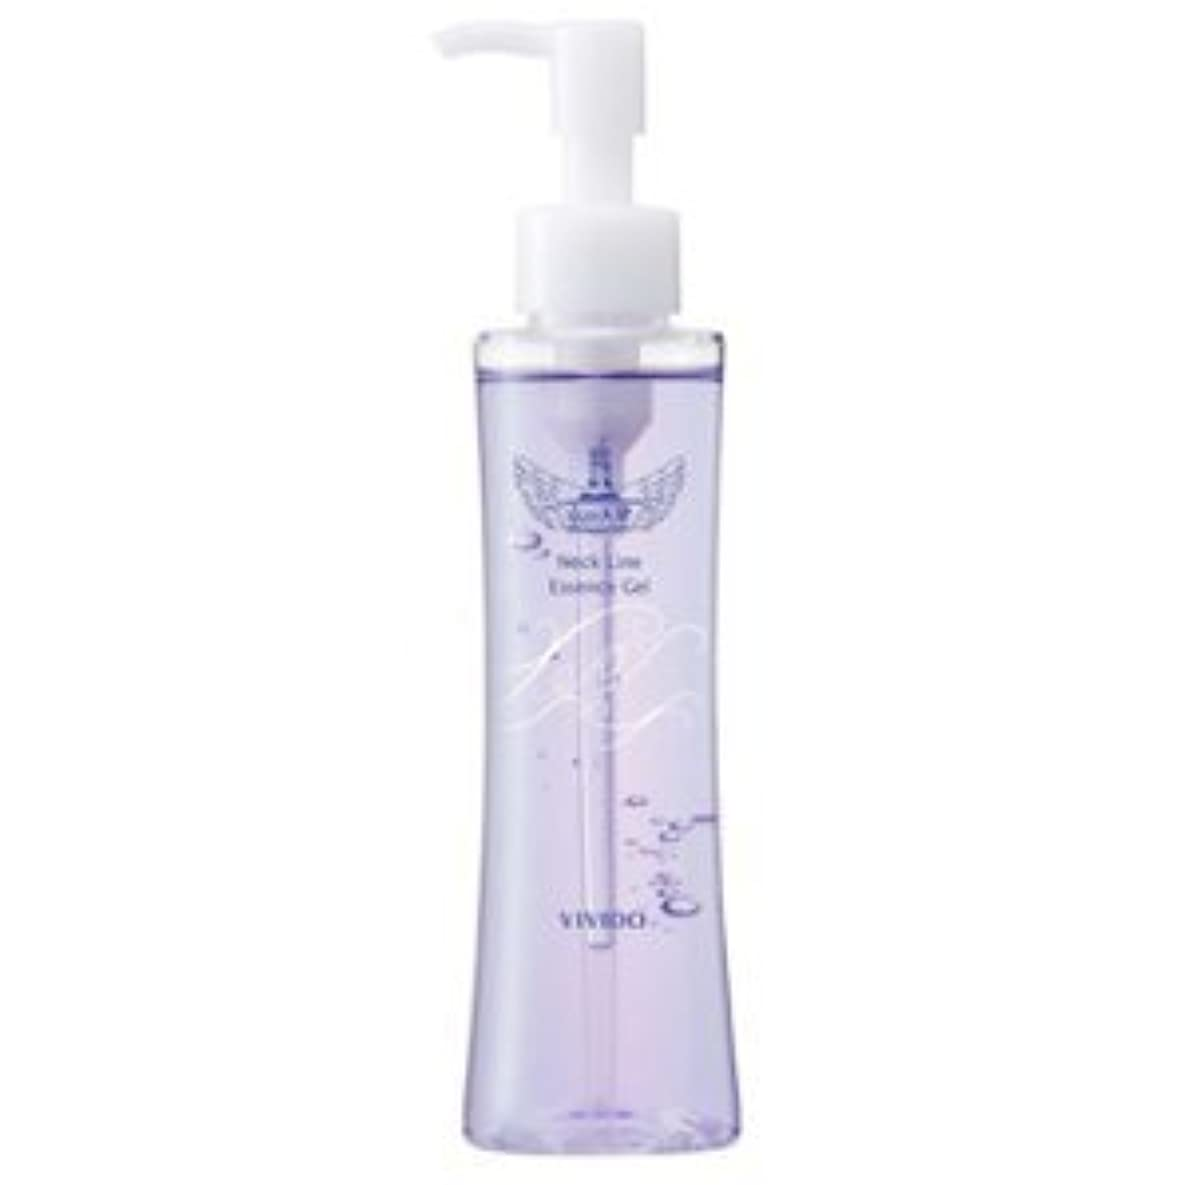 ペルソナ長椅子栄養水の天使プレミアムネックライン美容液150g 2個セット